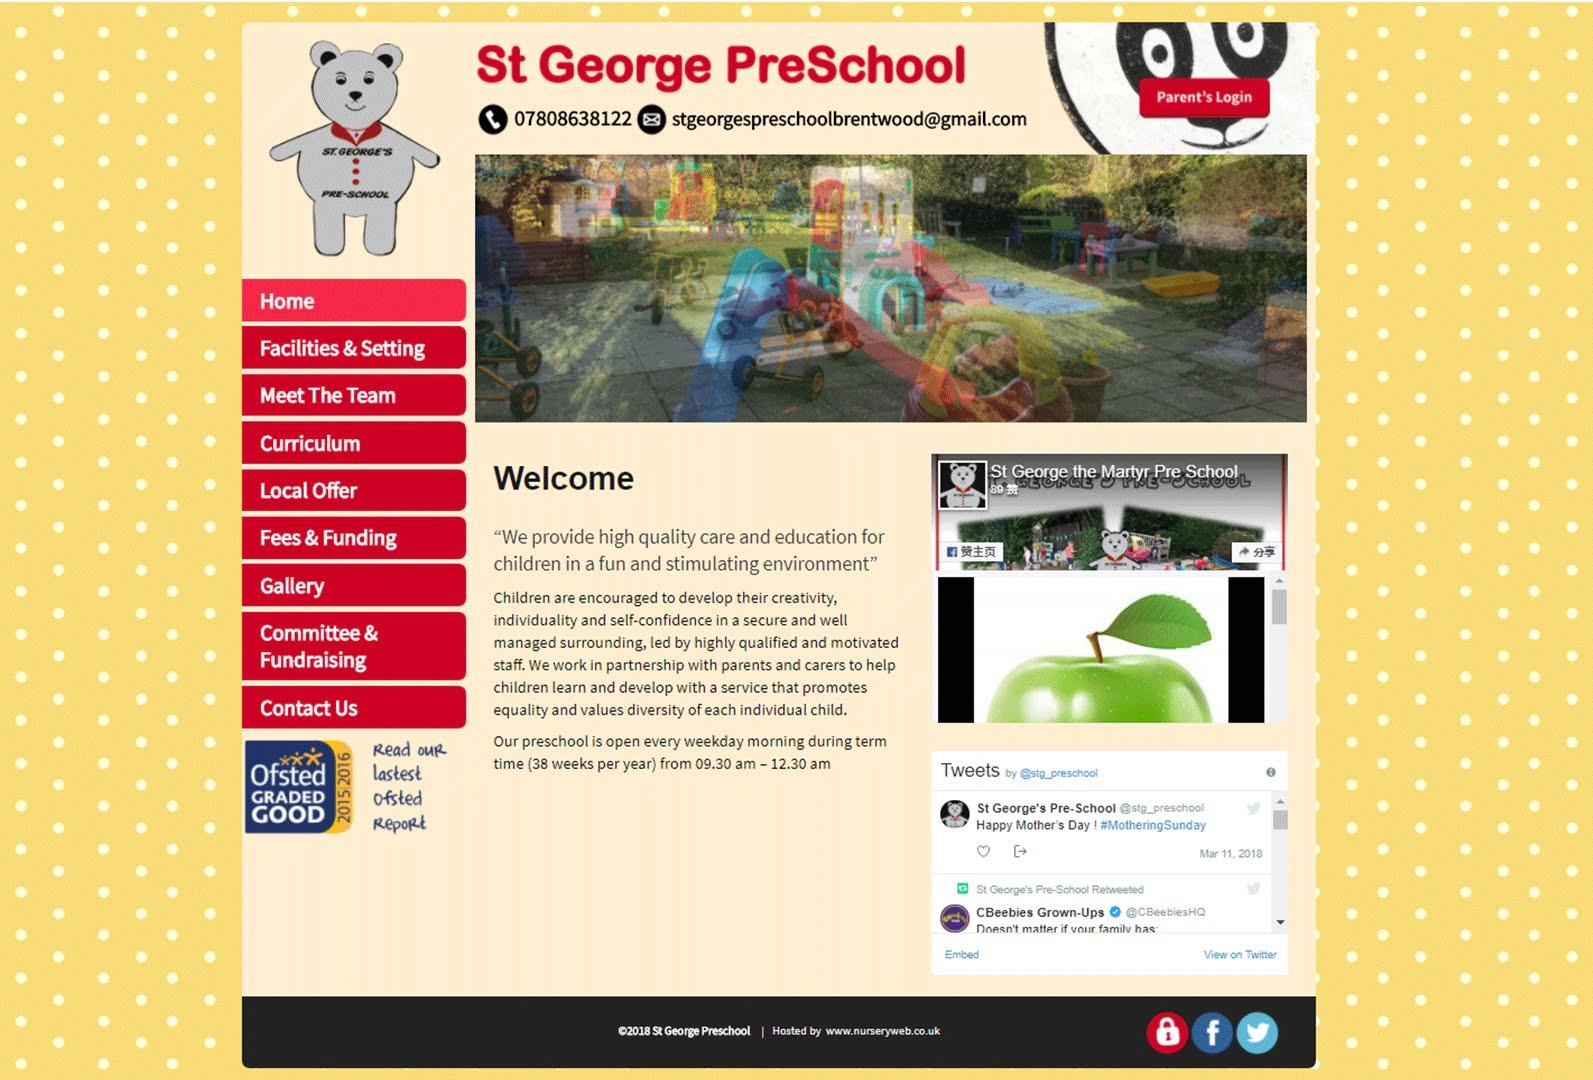 St George PreSchool